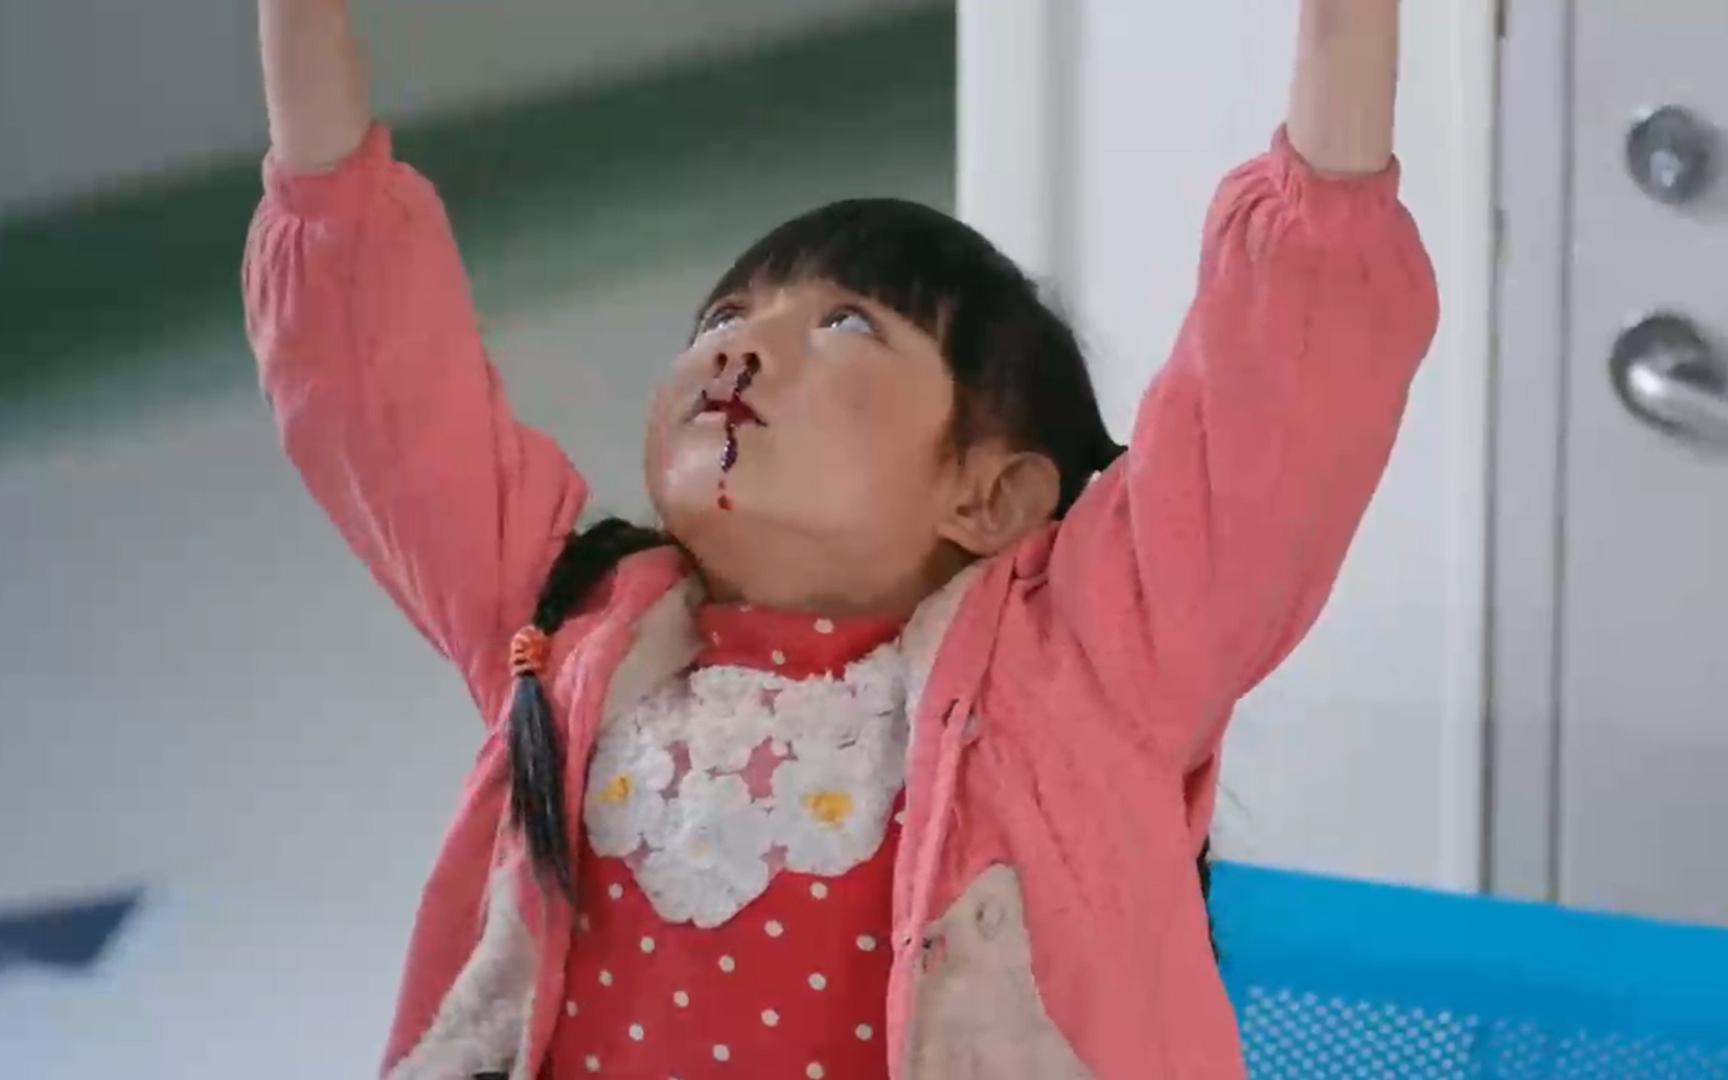 四川真事改编,白血病女孩为自己安排后事,为何病魔总折磨穷人?《天堂的张望》